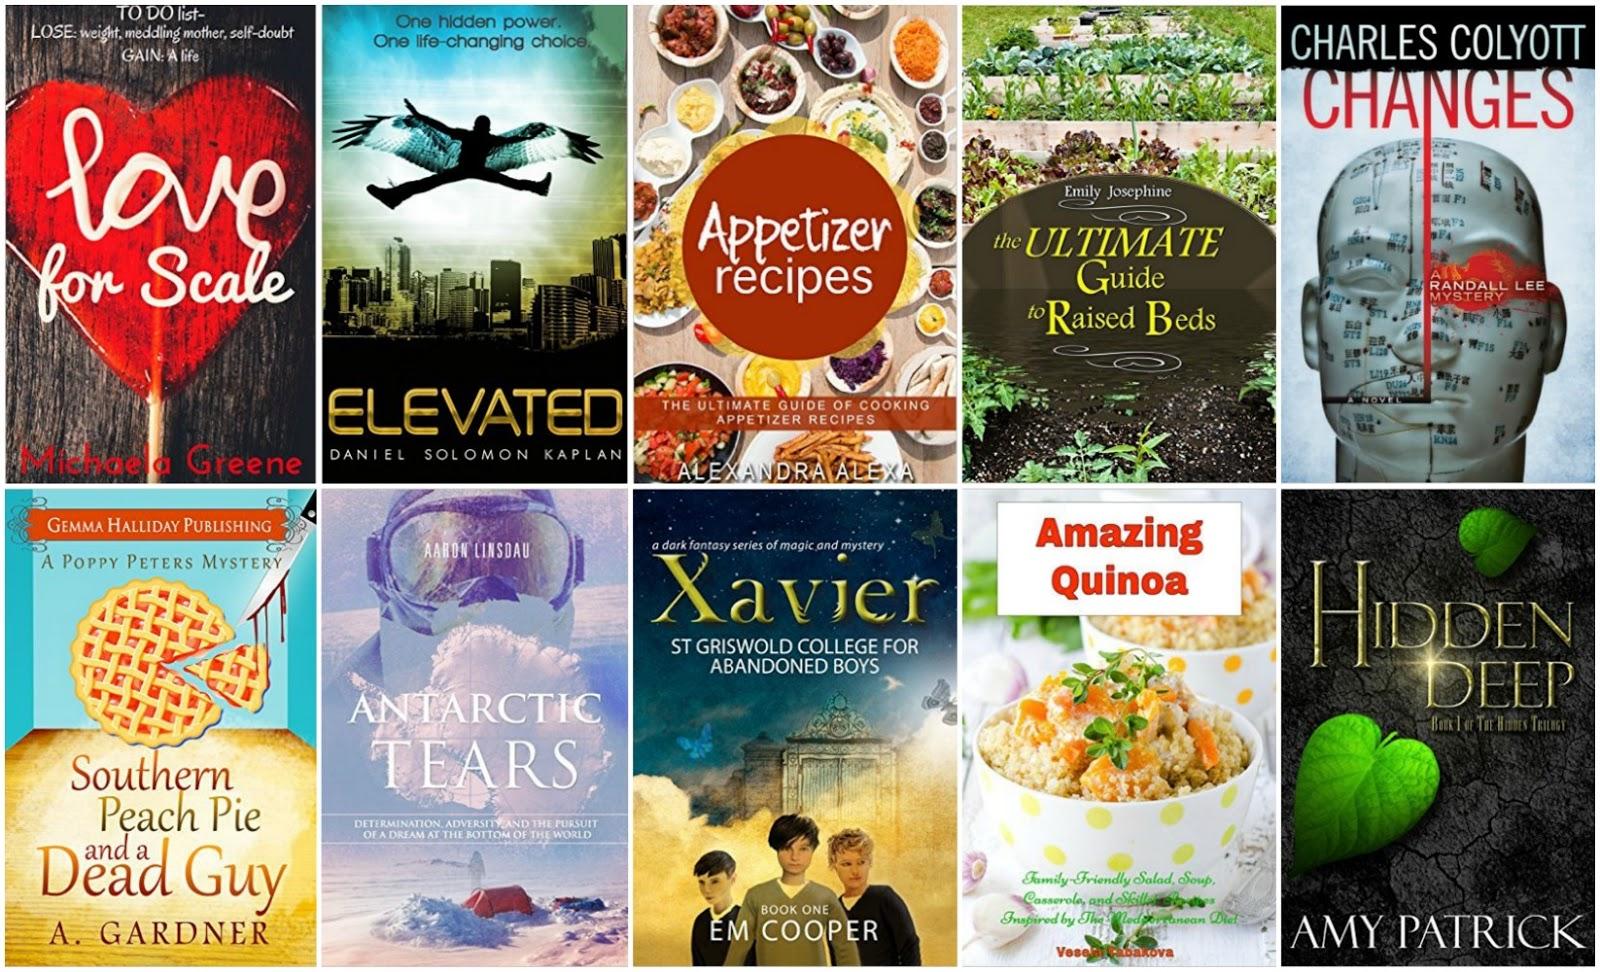 10 Free Kindle Books 3-9-16